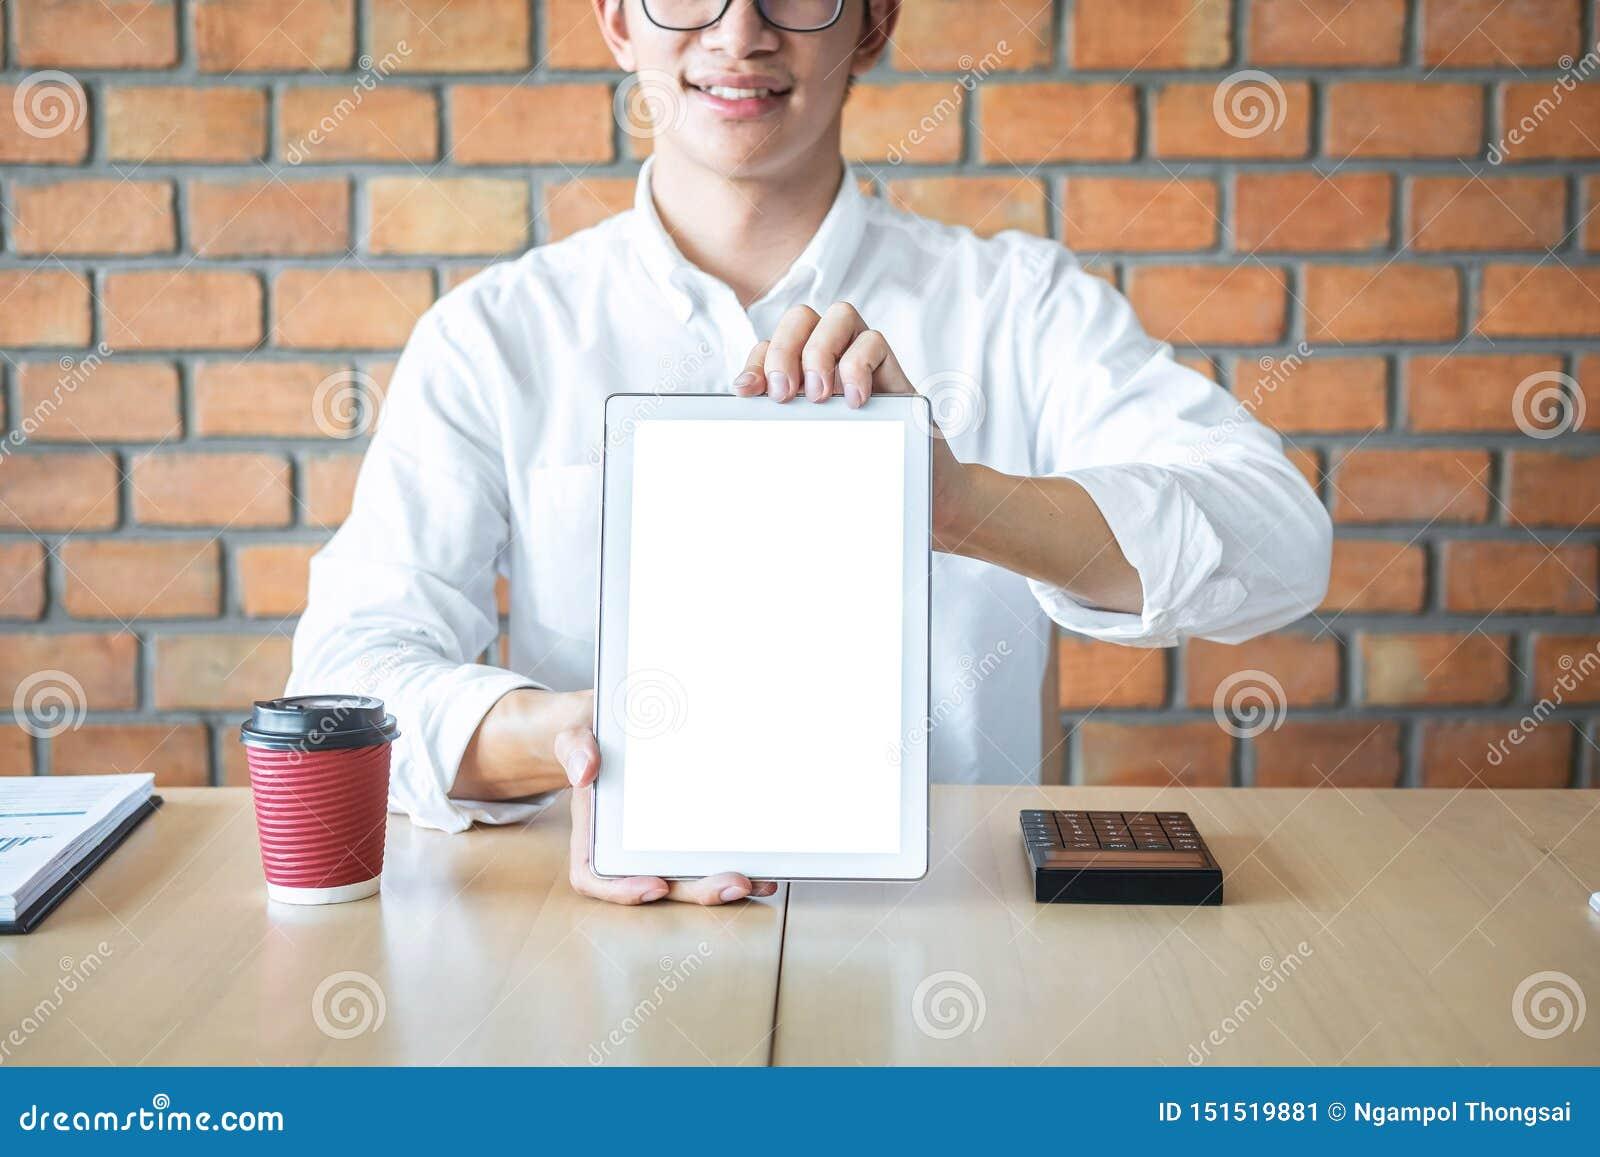 Maqueta vertical de la pantalla de la tableta, imagen del hombre joven que lleva a cabo el espacio digital de la copia de la demo